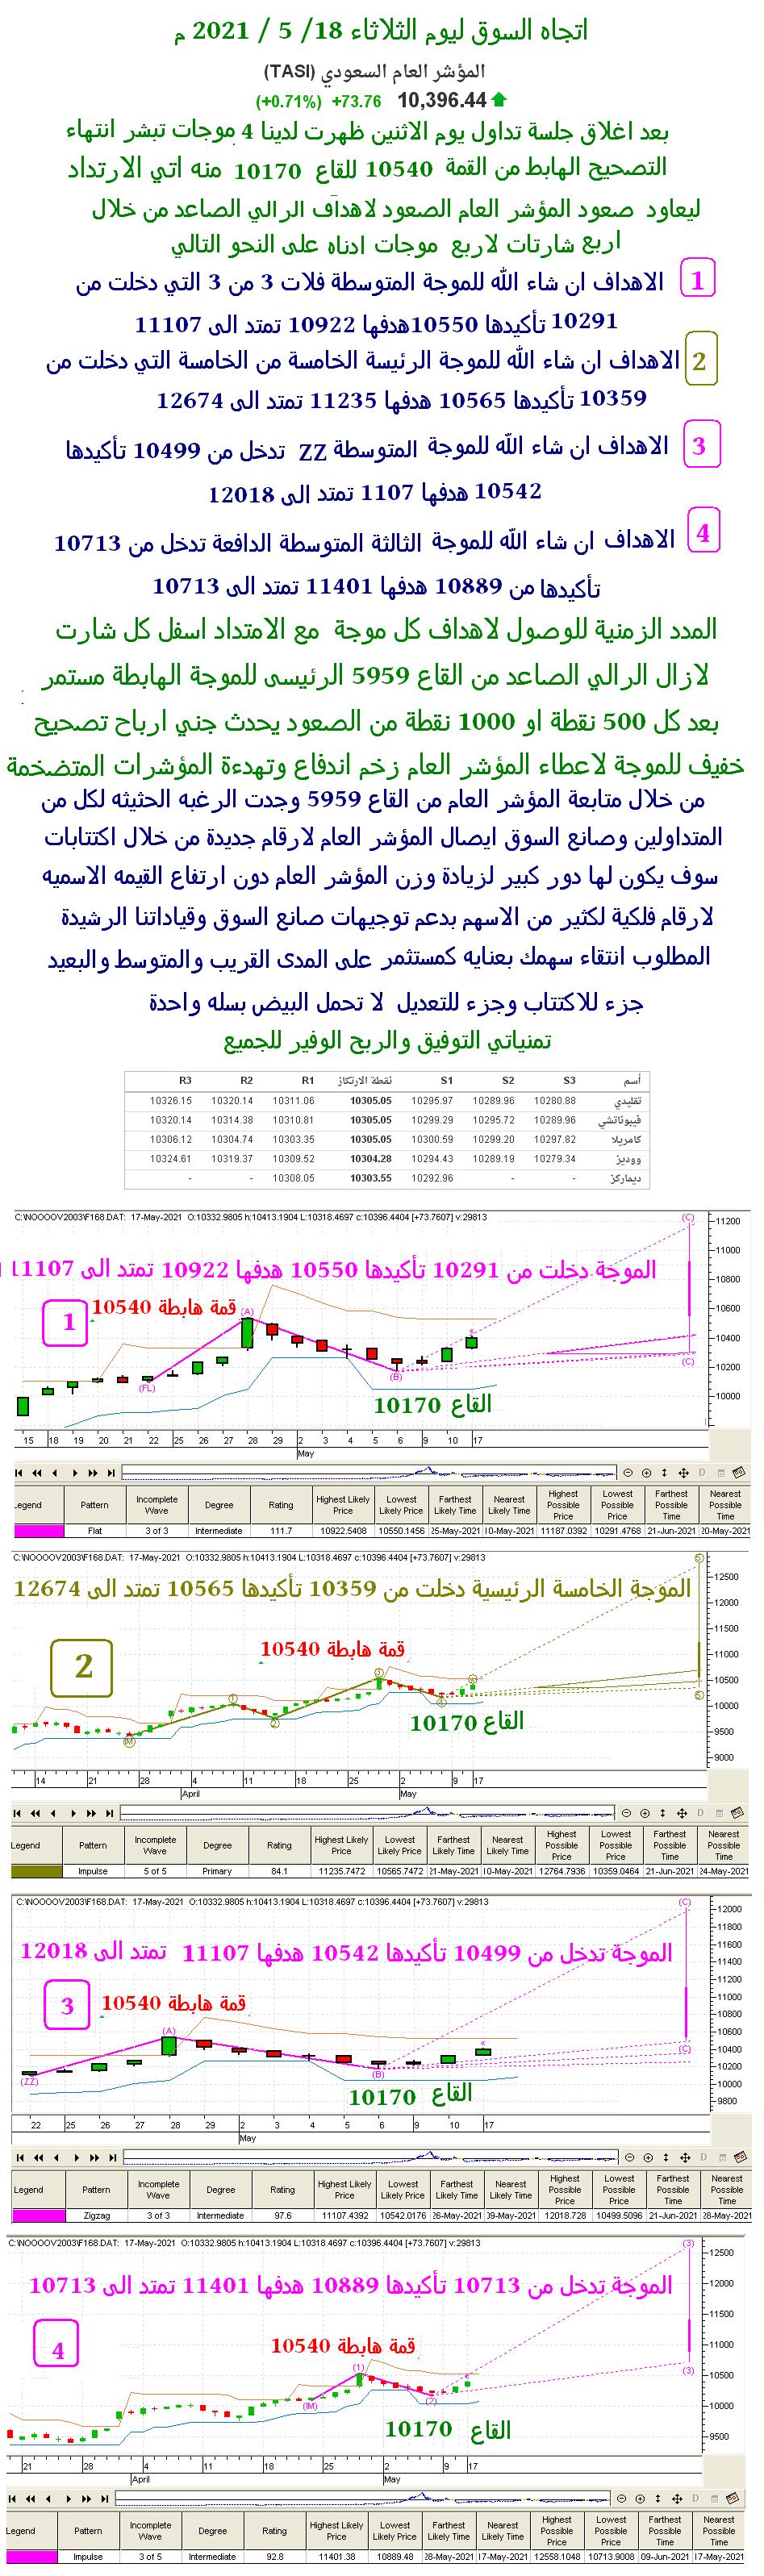 اتجاه السوق ليوم الثلأاثاء 18 / 5 / 2021 م